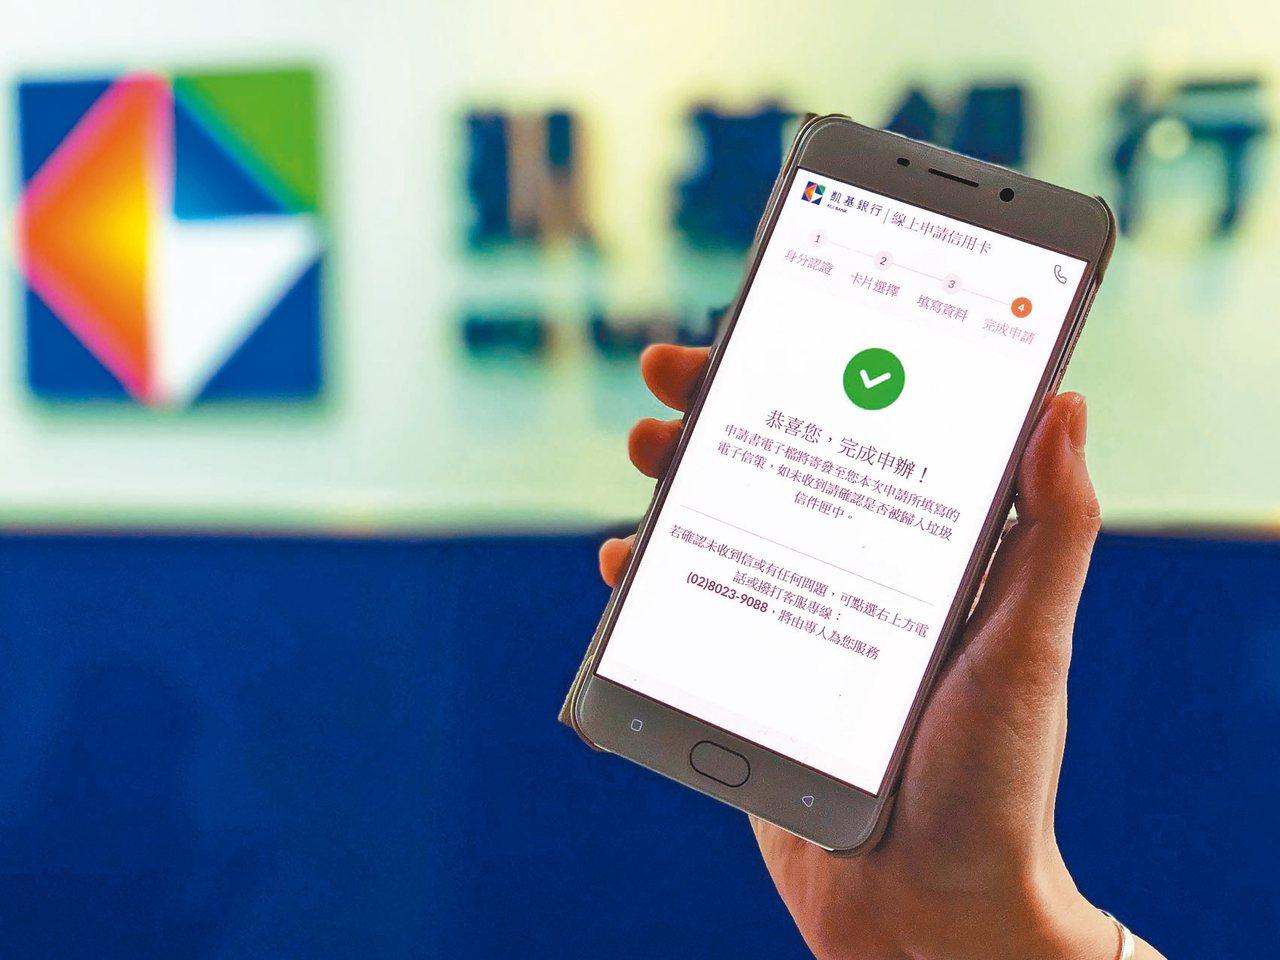 凱基銀行與中華電信合作的手機號碼驗證,已實驗成功,成為我國出沙盒首例。 本報系資...